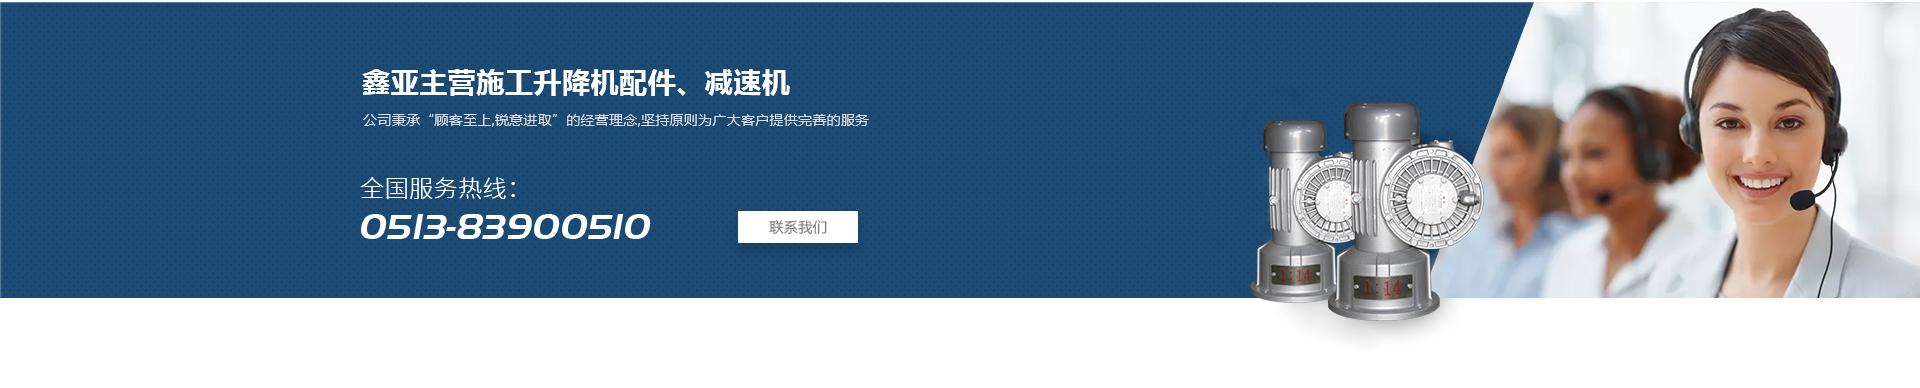 启东鑫亚机械制造有限公司